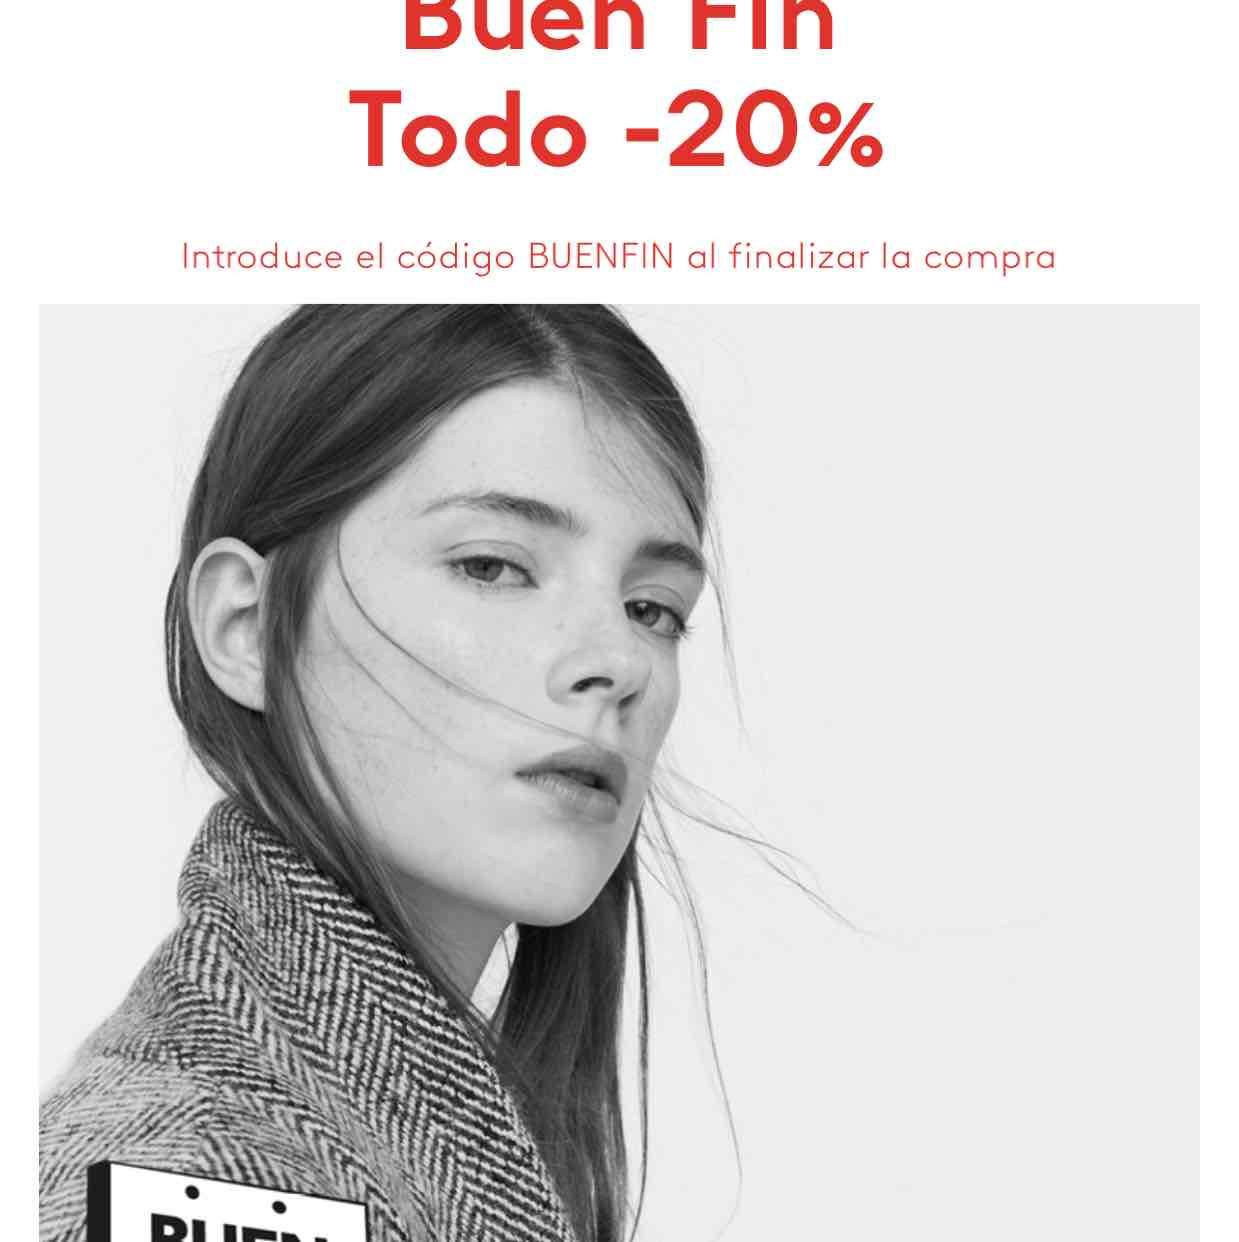 Buen Fin Mango: 20% de descuento en toda la tienda en línea